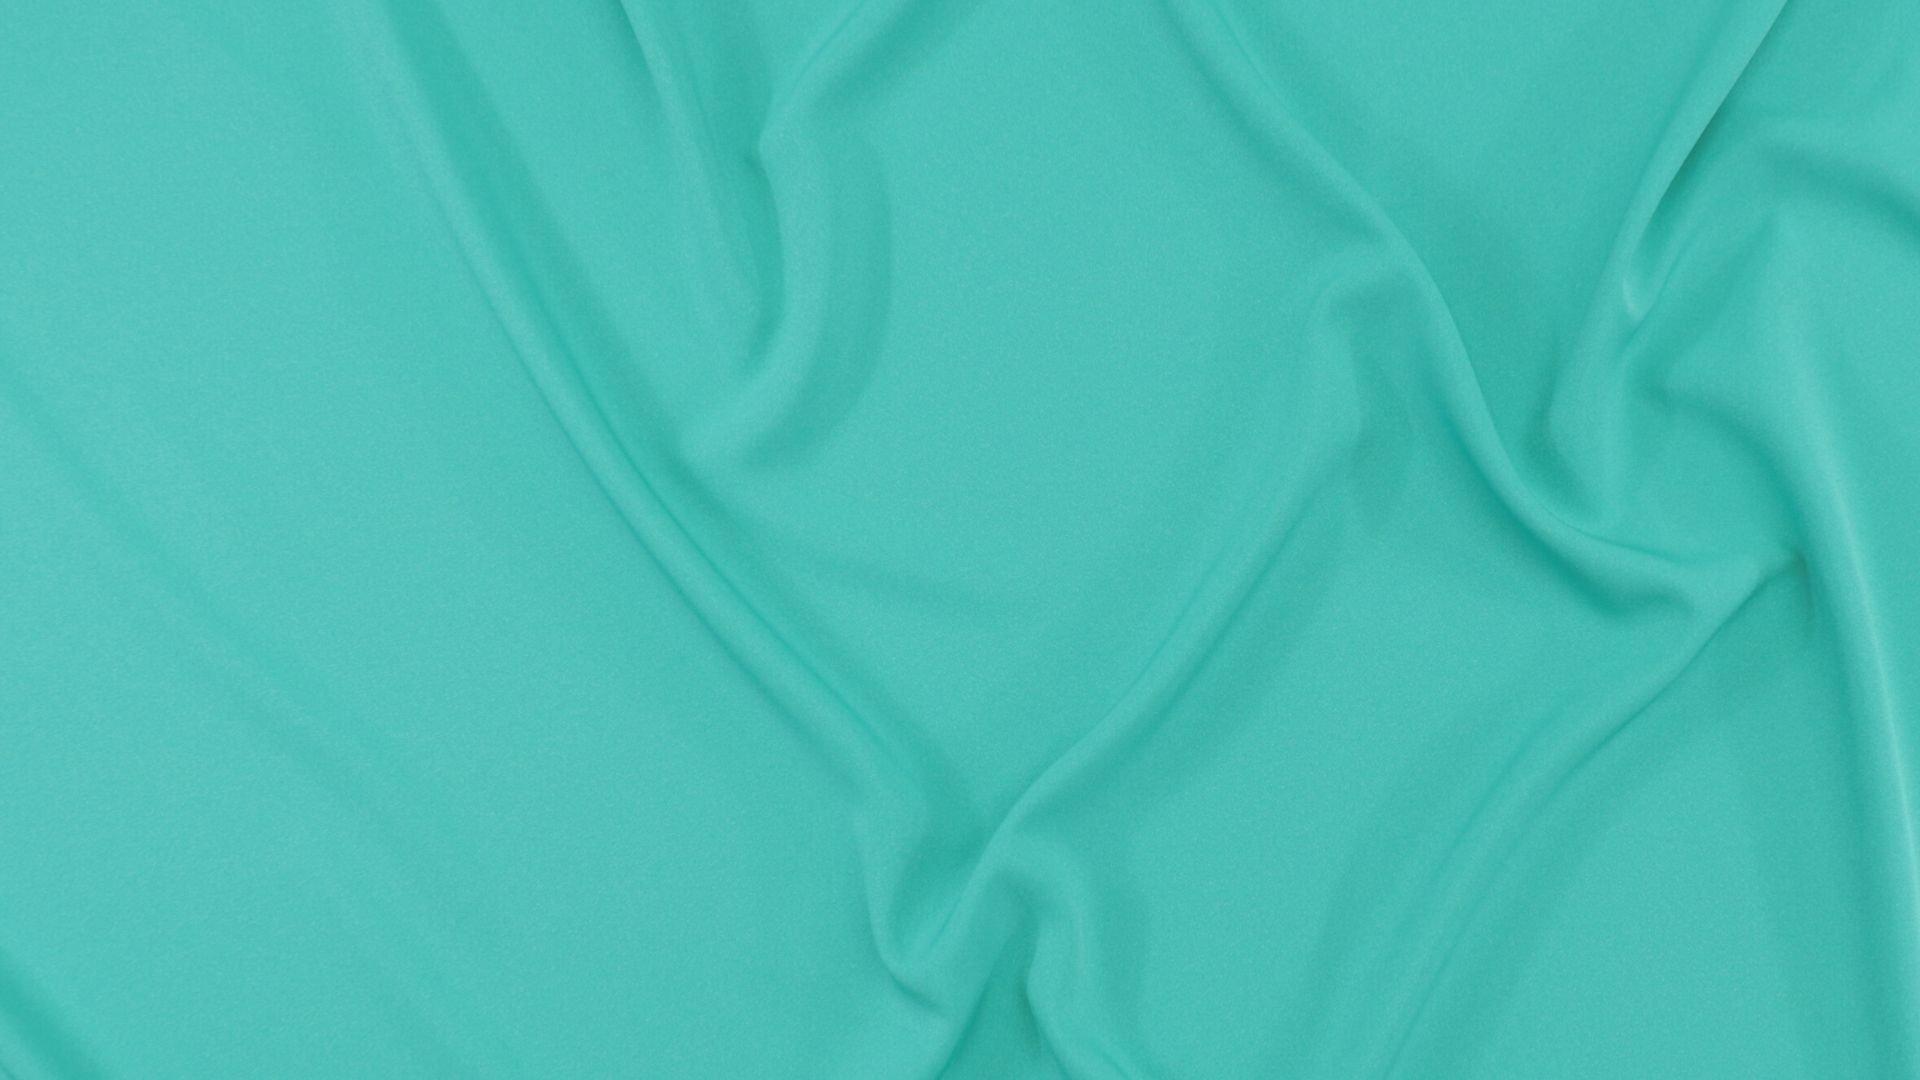 il particolare del tessuto pegaso, appartenente alla categoria uniti serici, di Leadford & Logan